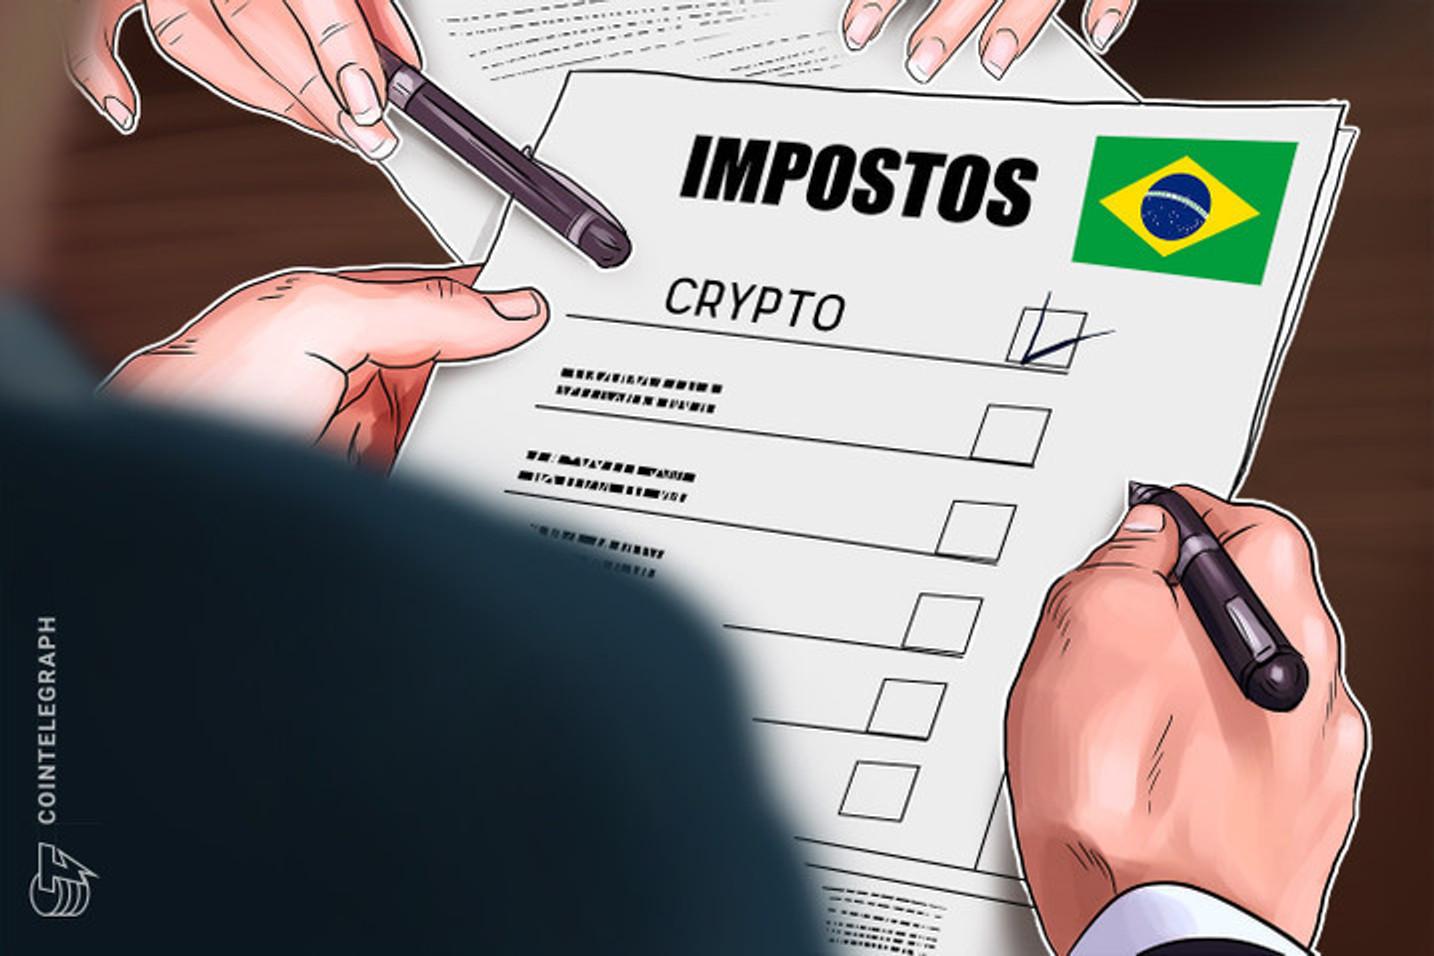 Muitos brasileiros irão declarar criptomoedas no Imposto de Renda pela primeira vez